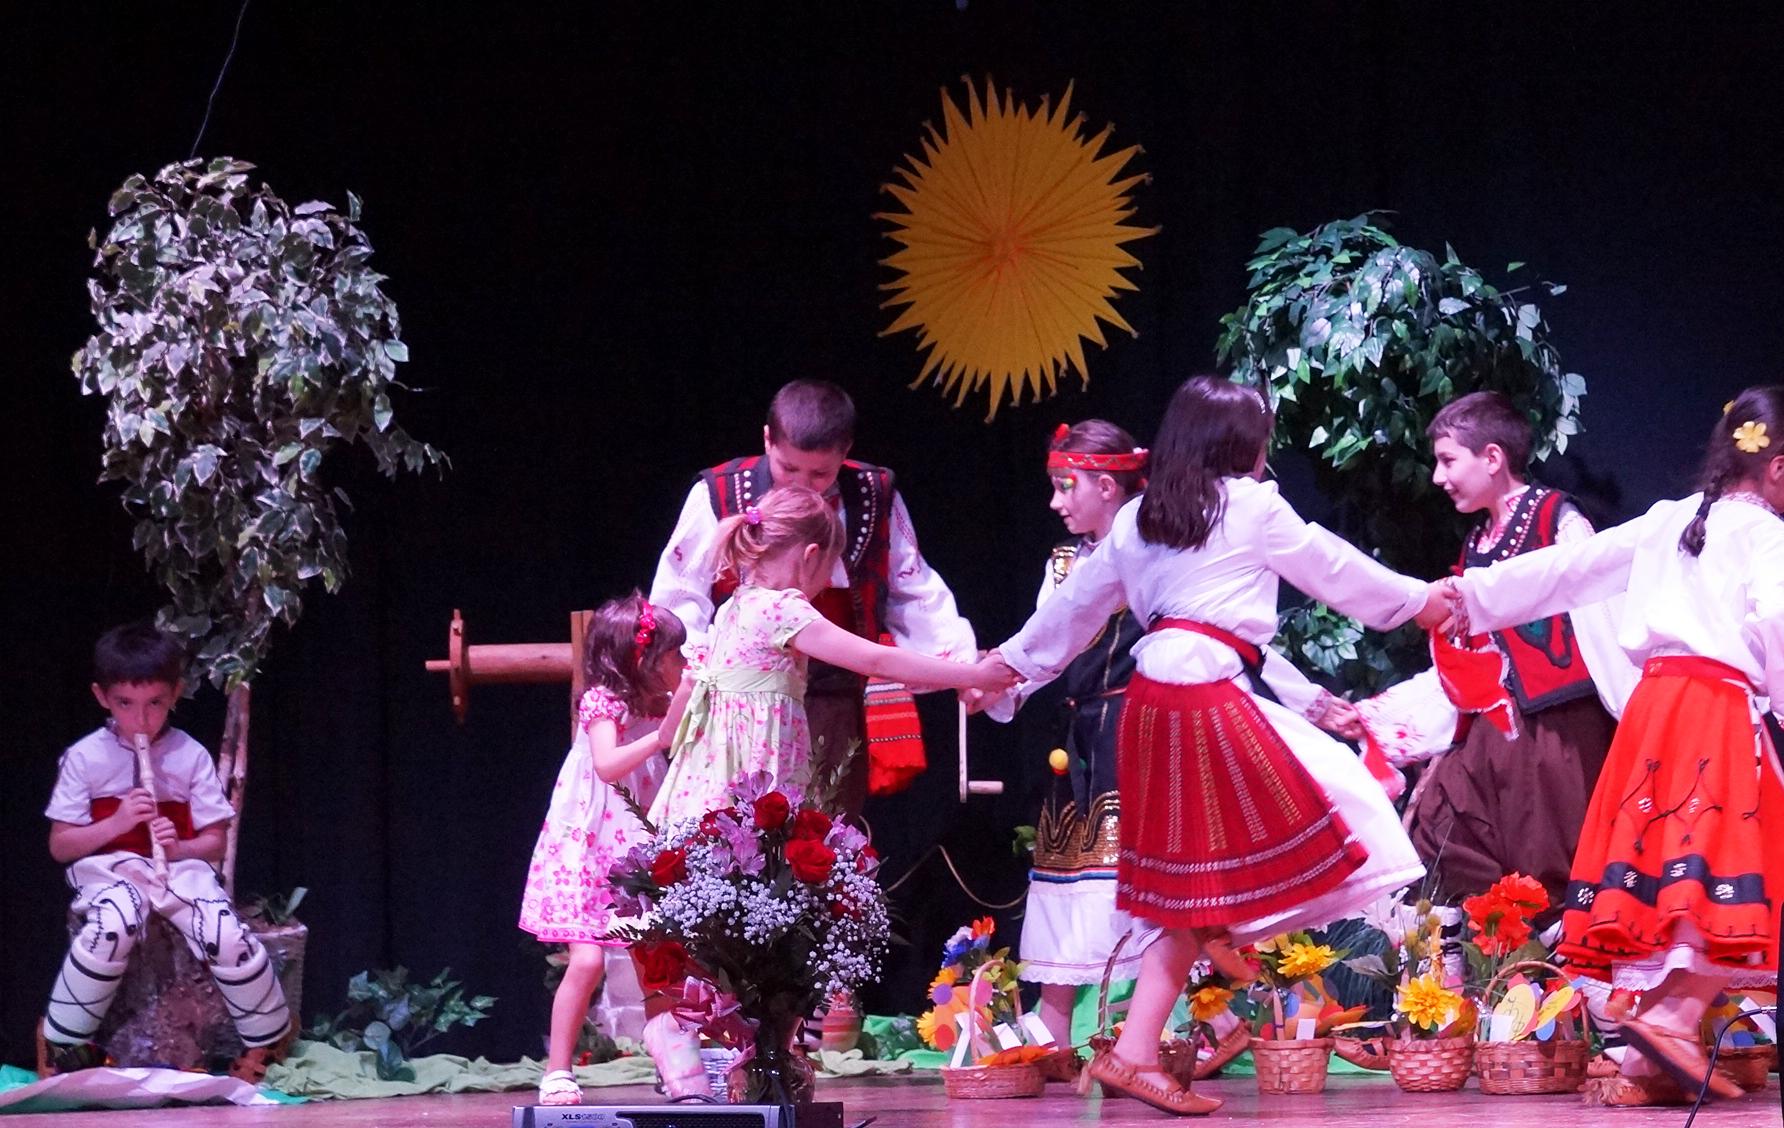 """24 май в Българско училище """"Христо Ботев"""", Вашингтон"""